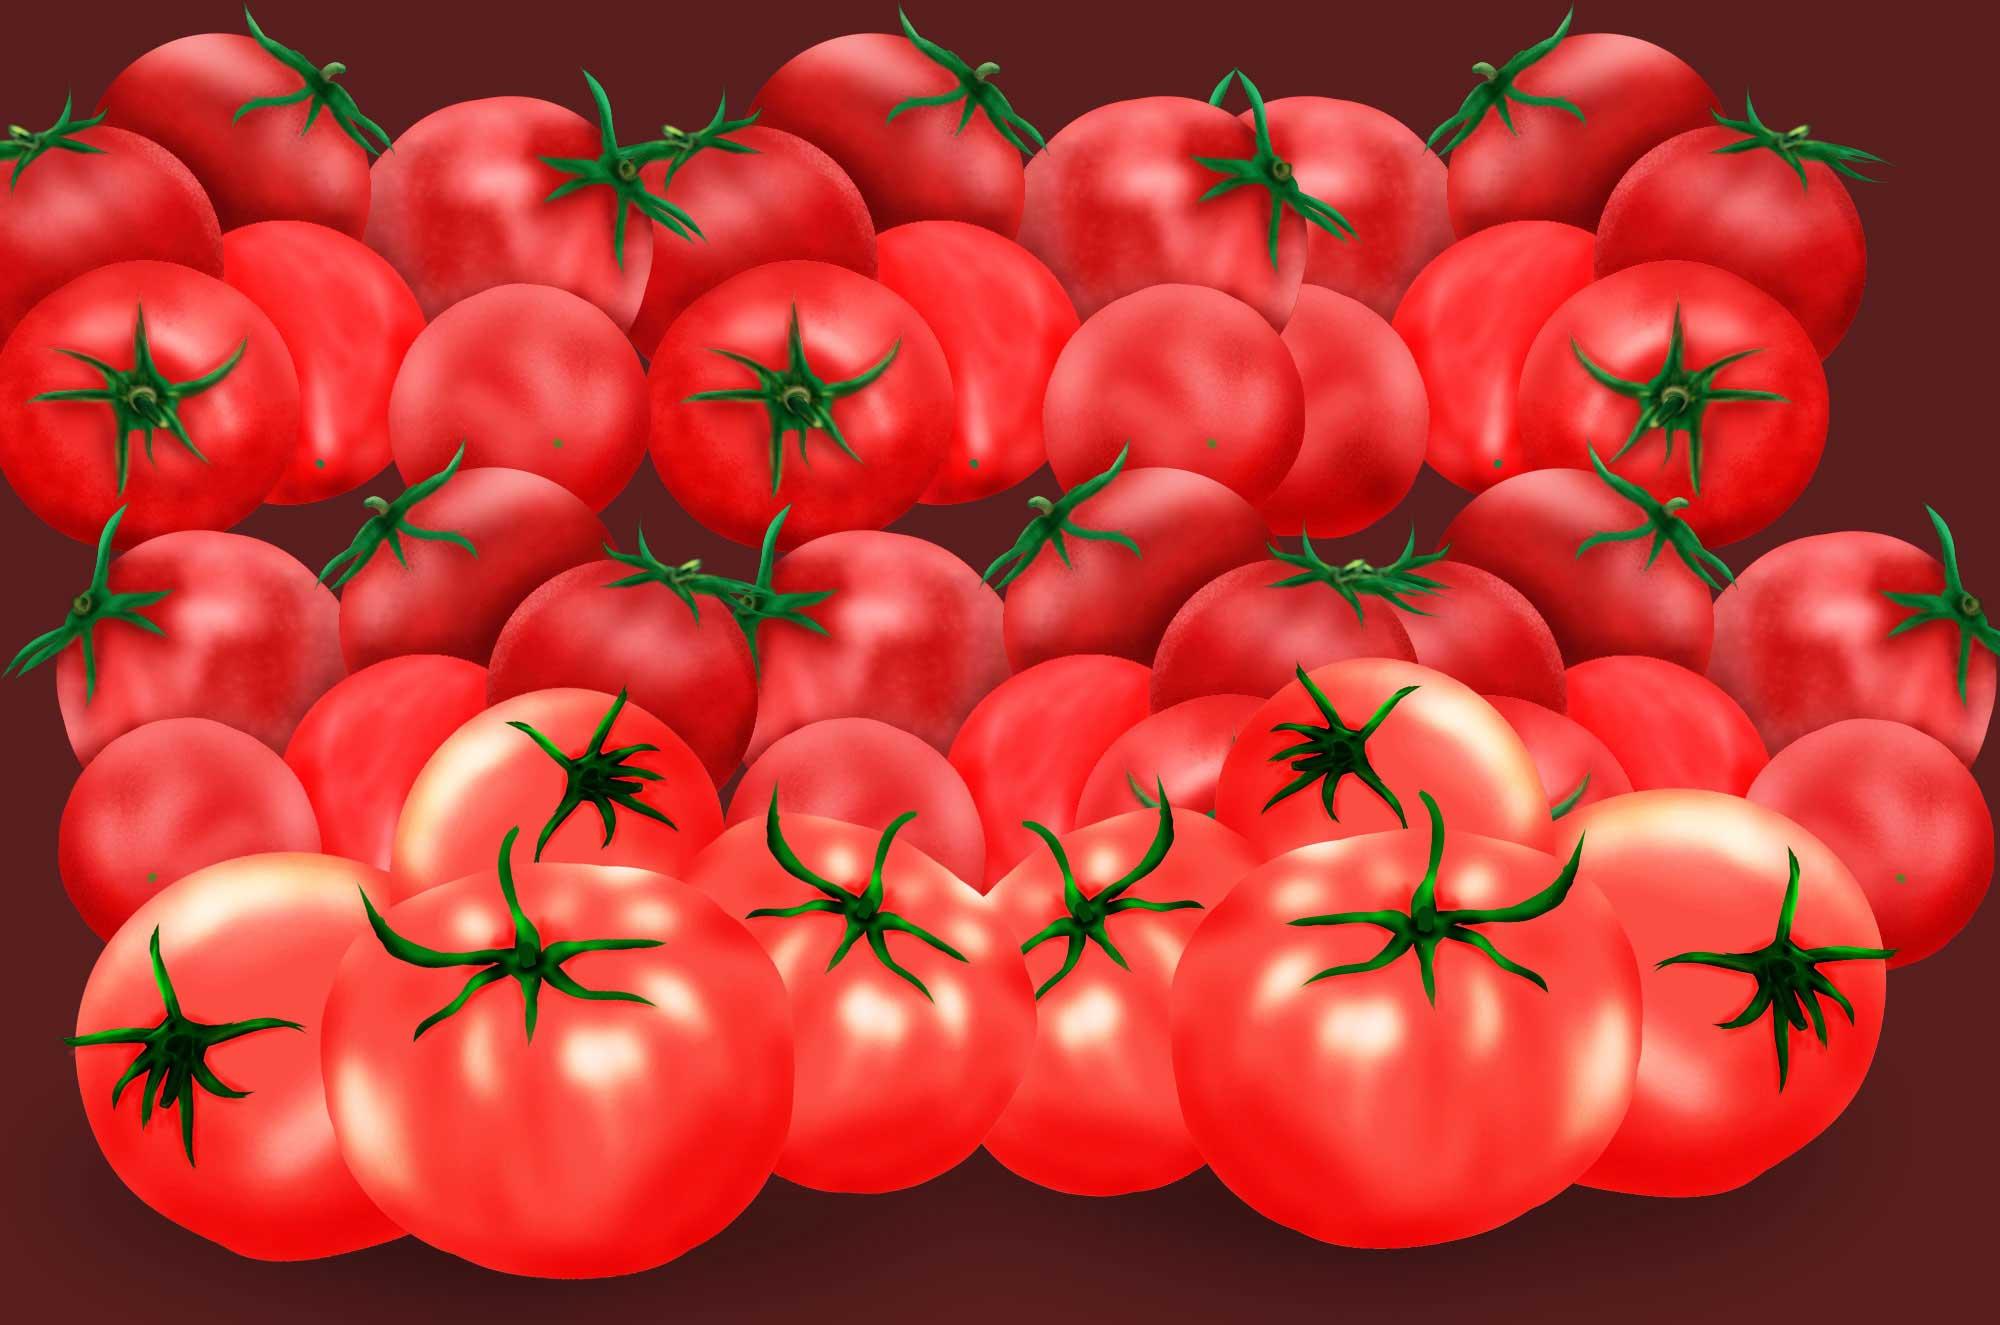 トマトのイラスト - キャラ・おしゃれで可愛い無料素材